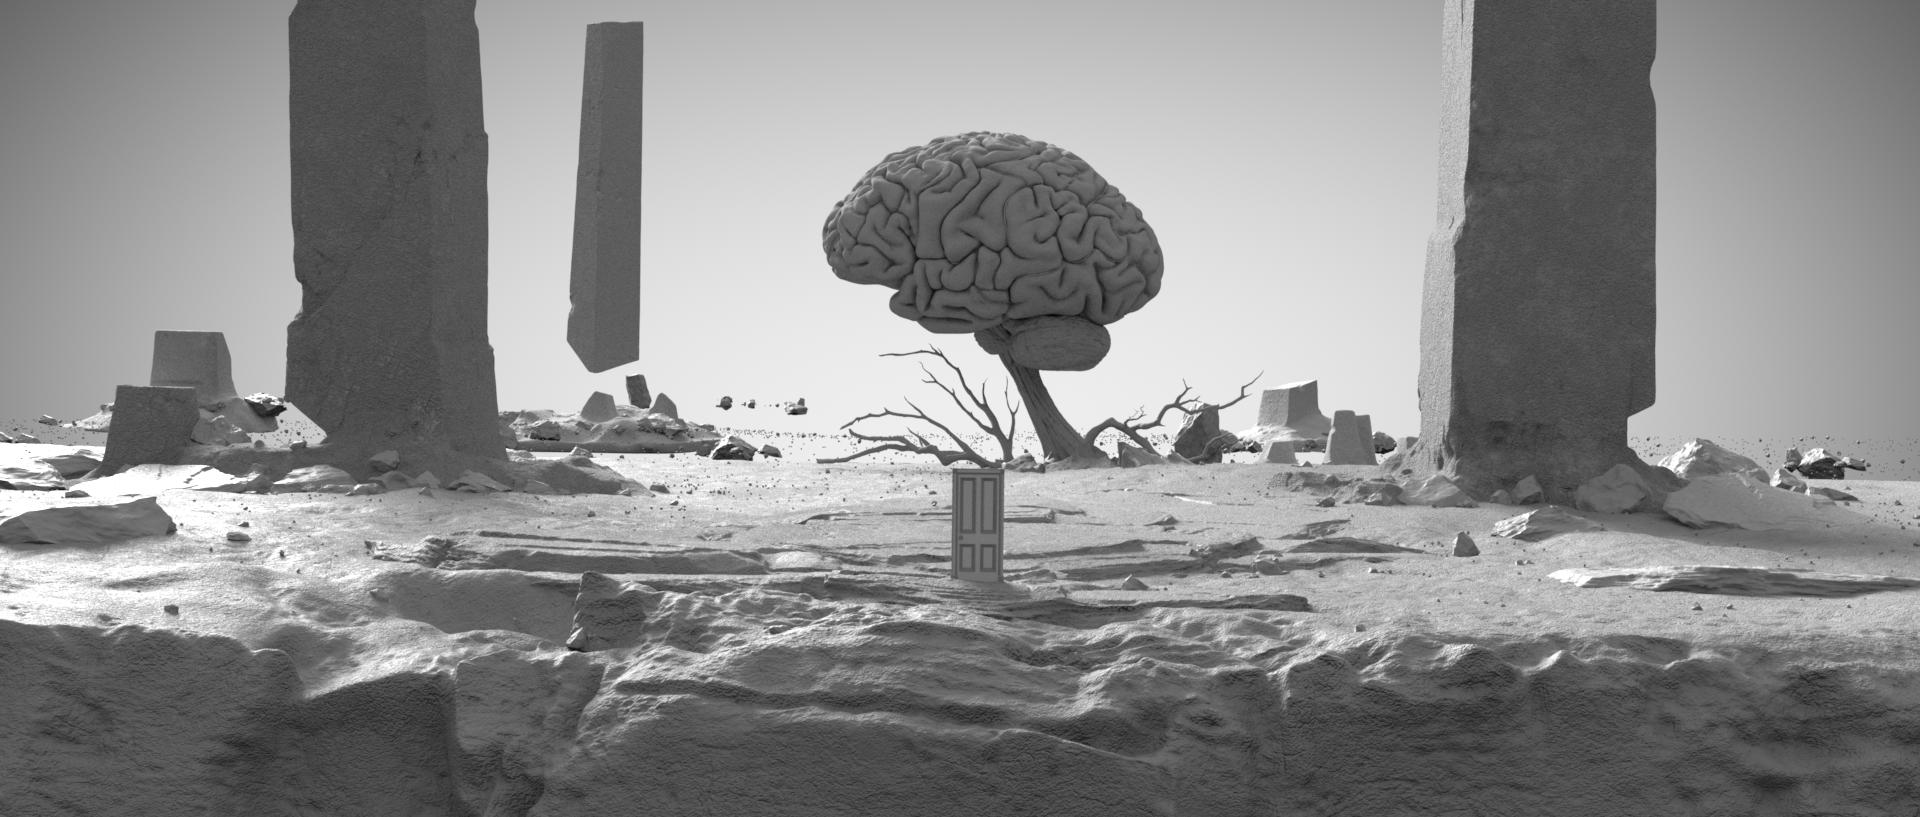 brainscape_clay2.jpg